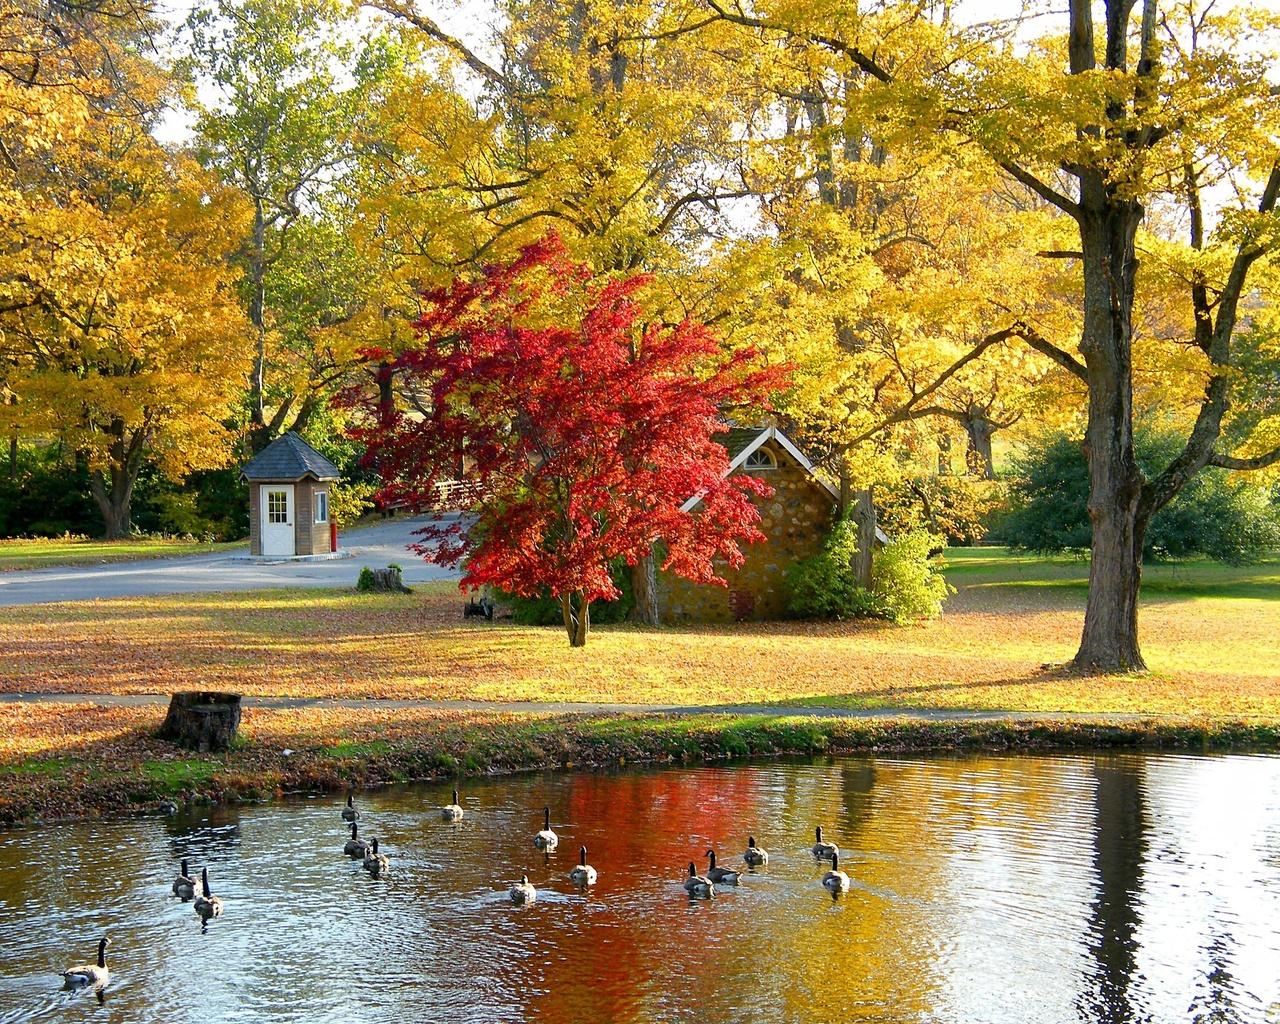 природа, осень, парк, домик, пруд, гуси